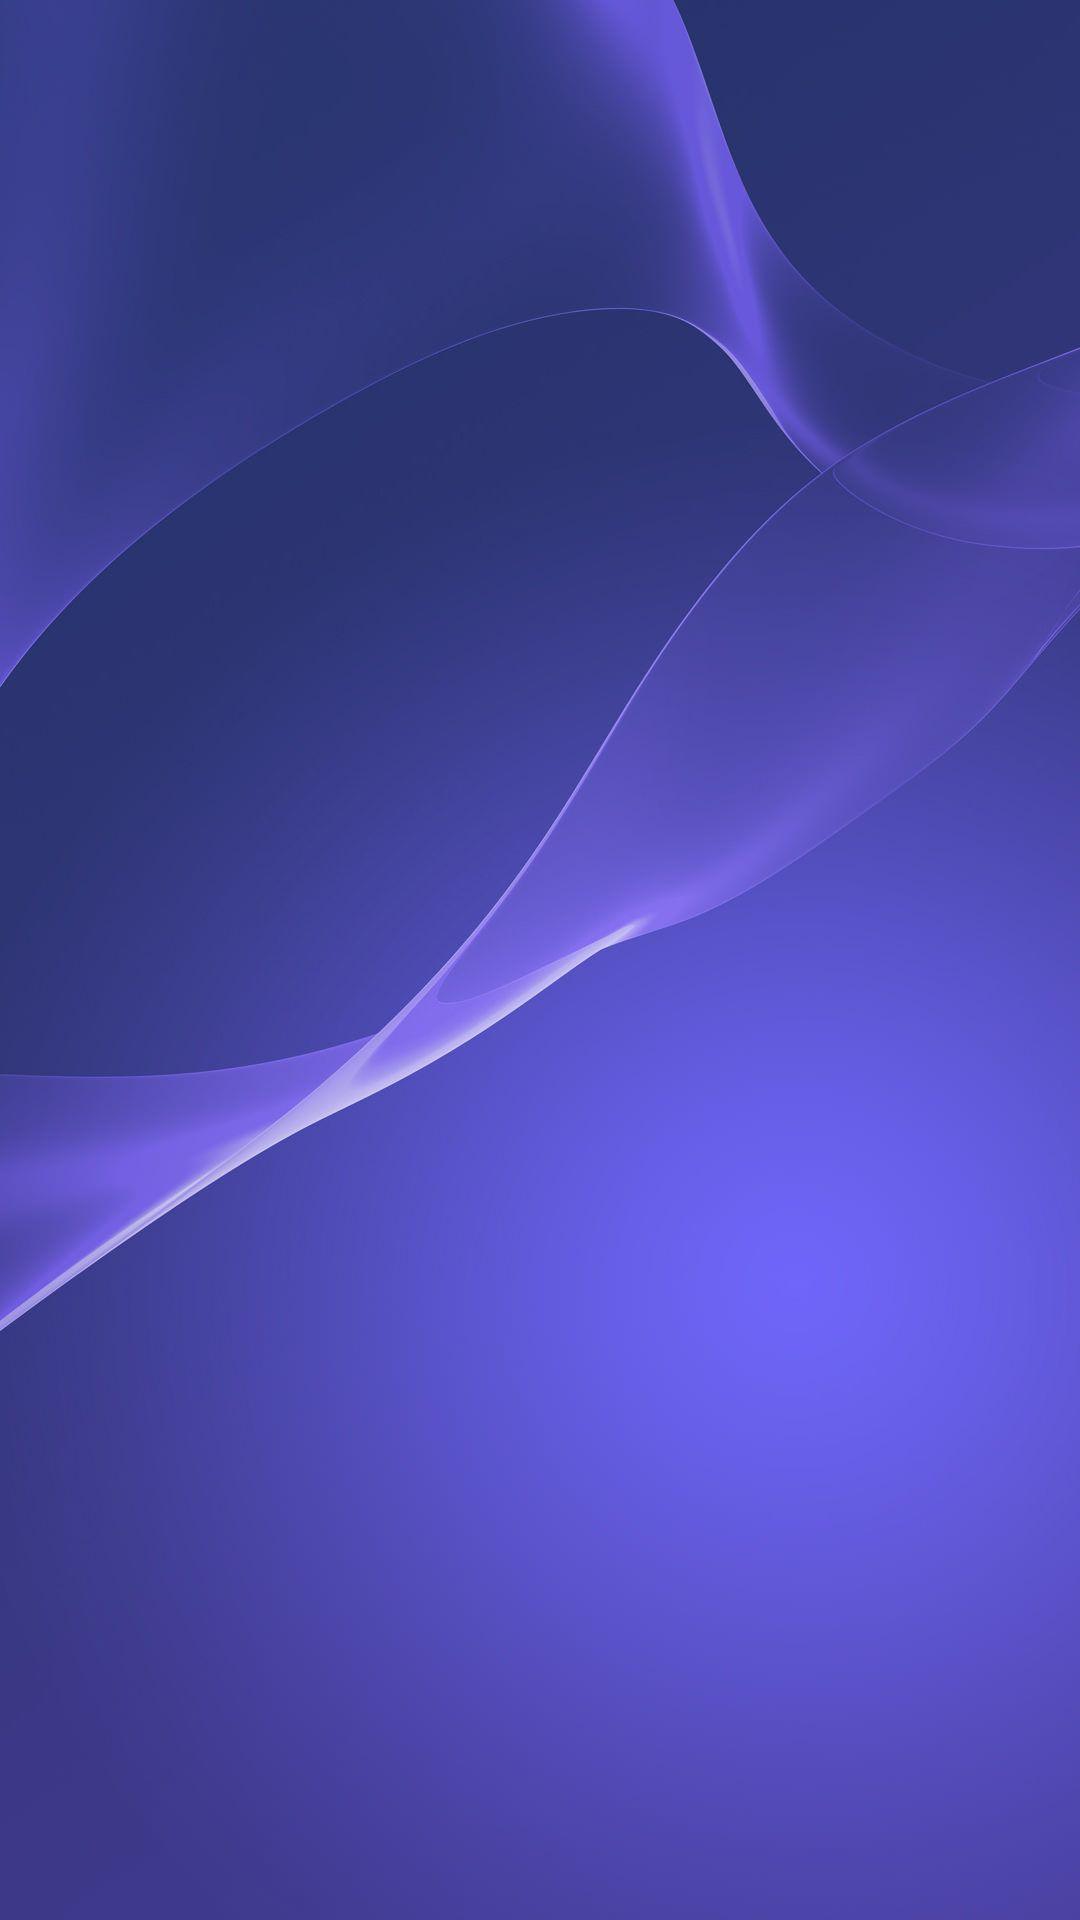 クリーンな紫 Iphone6 Plus 壁紙 Wallpaperbox カラー壁紙 Iphone Iphoneグリッター壁紙 モバイル用壁紙